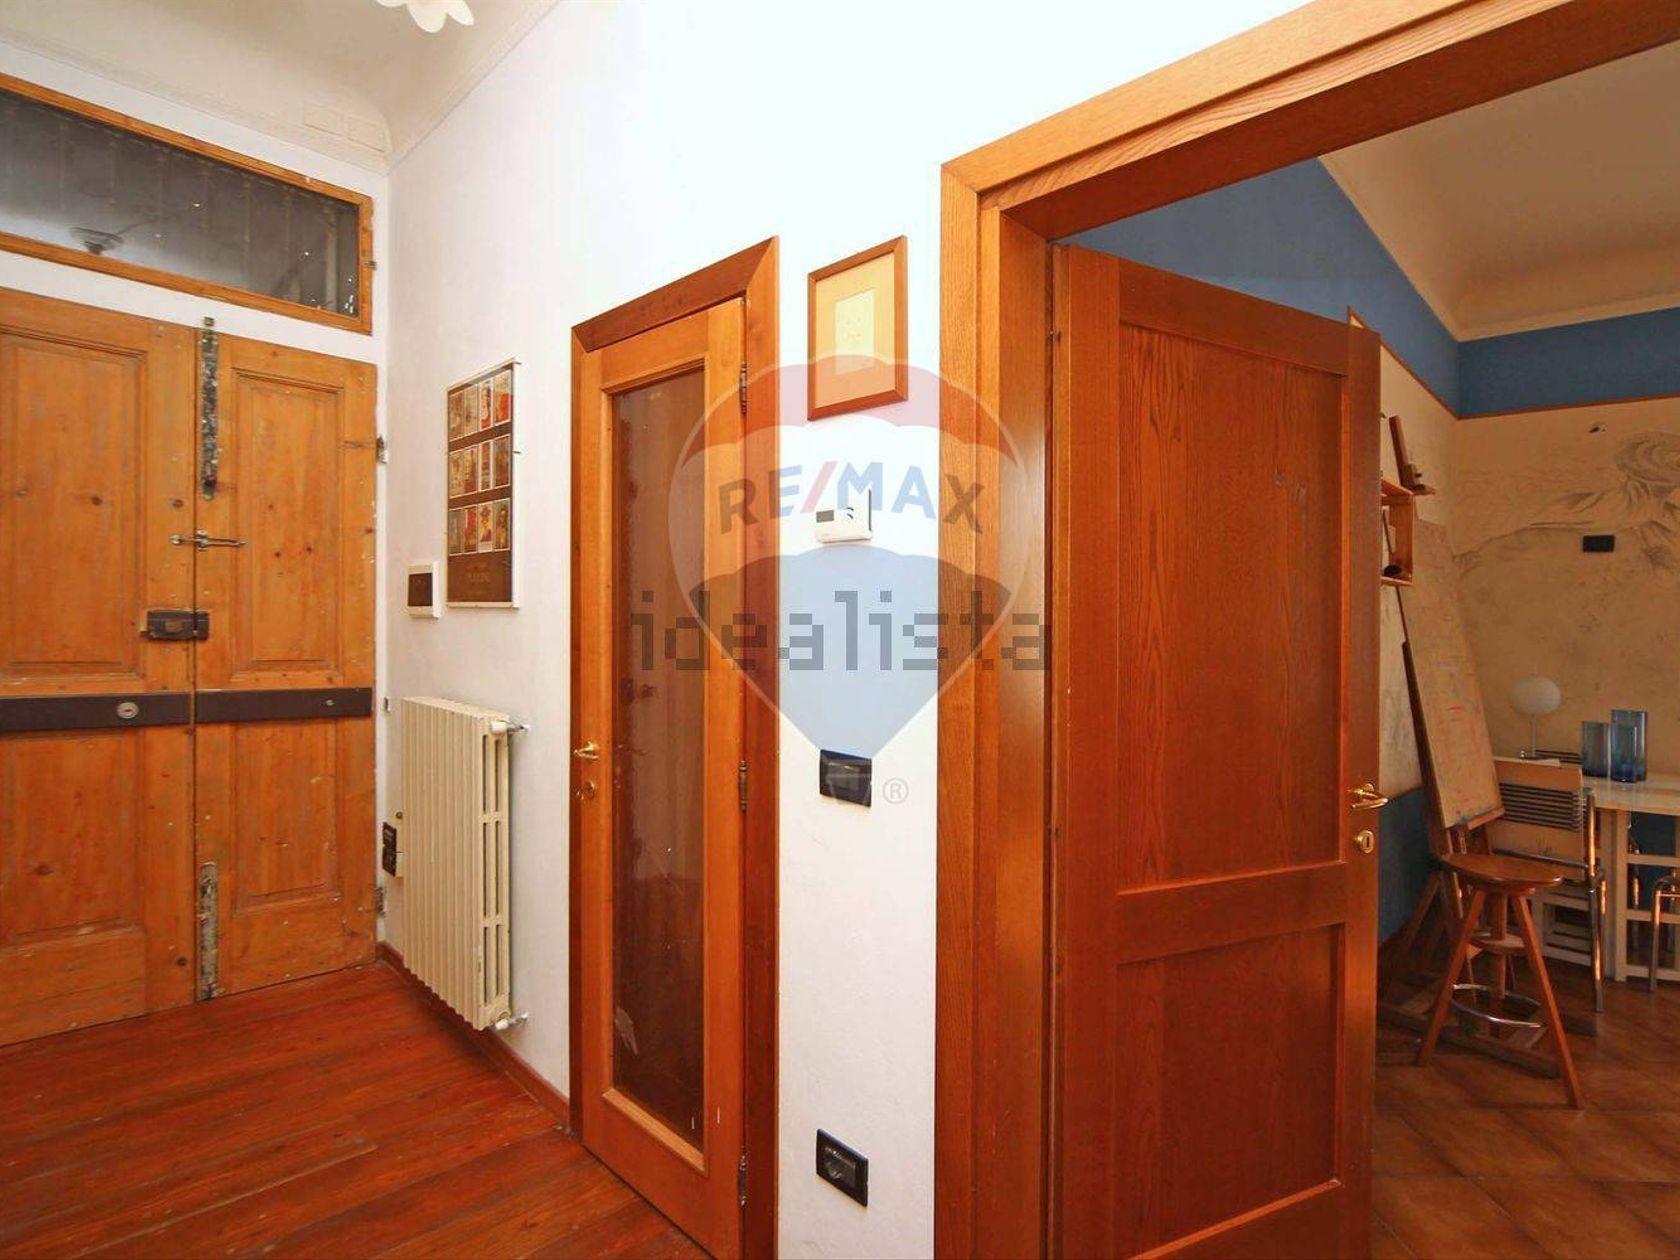 Appartamento Firenze - Porta A Prato San Jacopino Fortezza, Firenze, FI Vendita - Foto 21